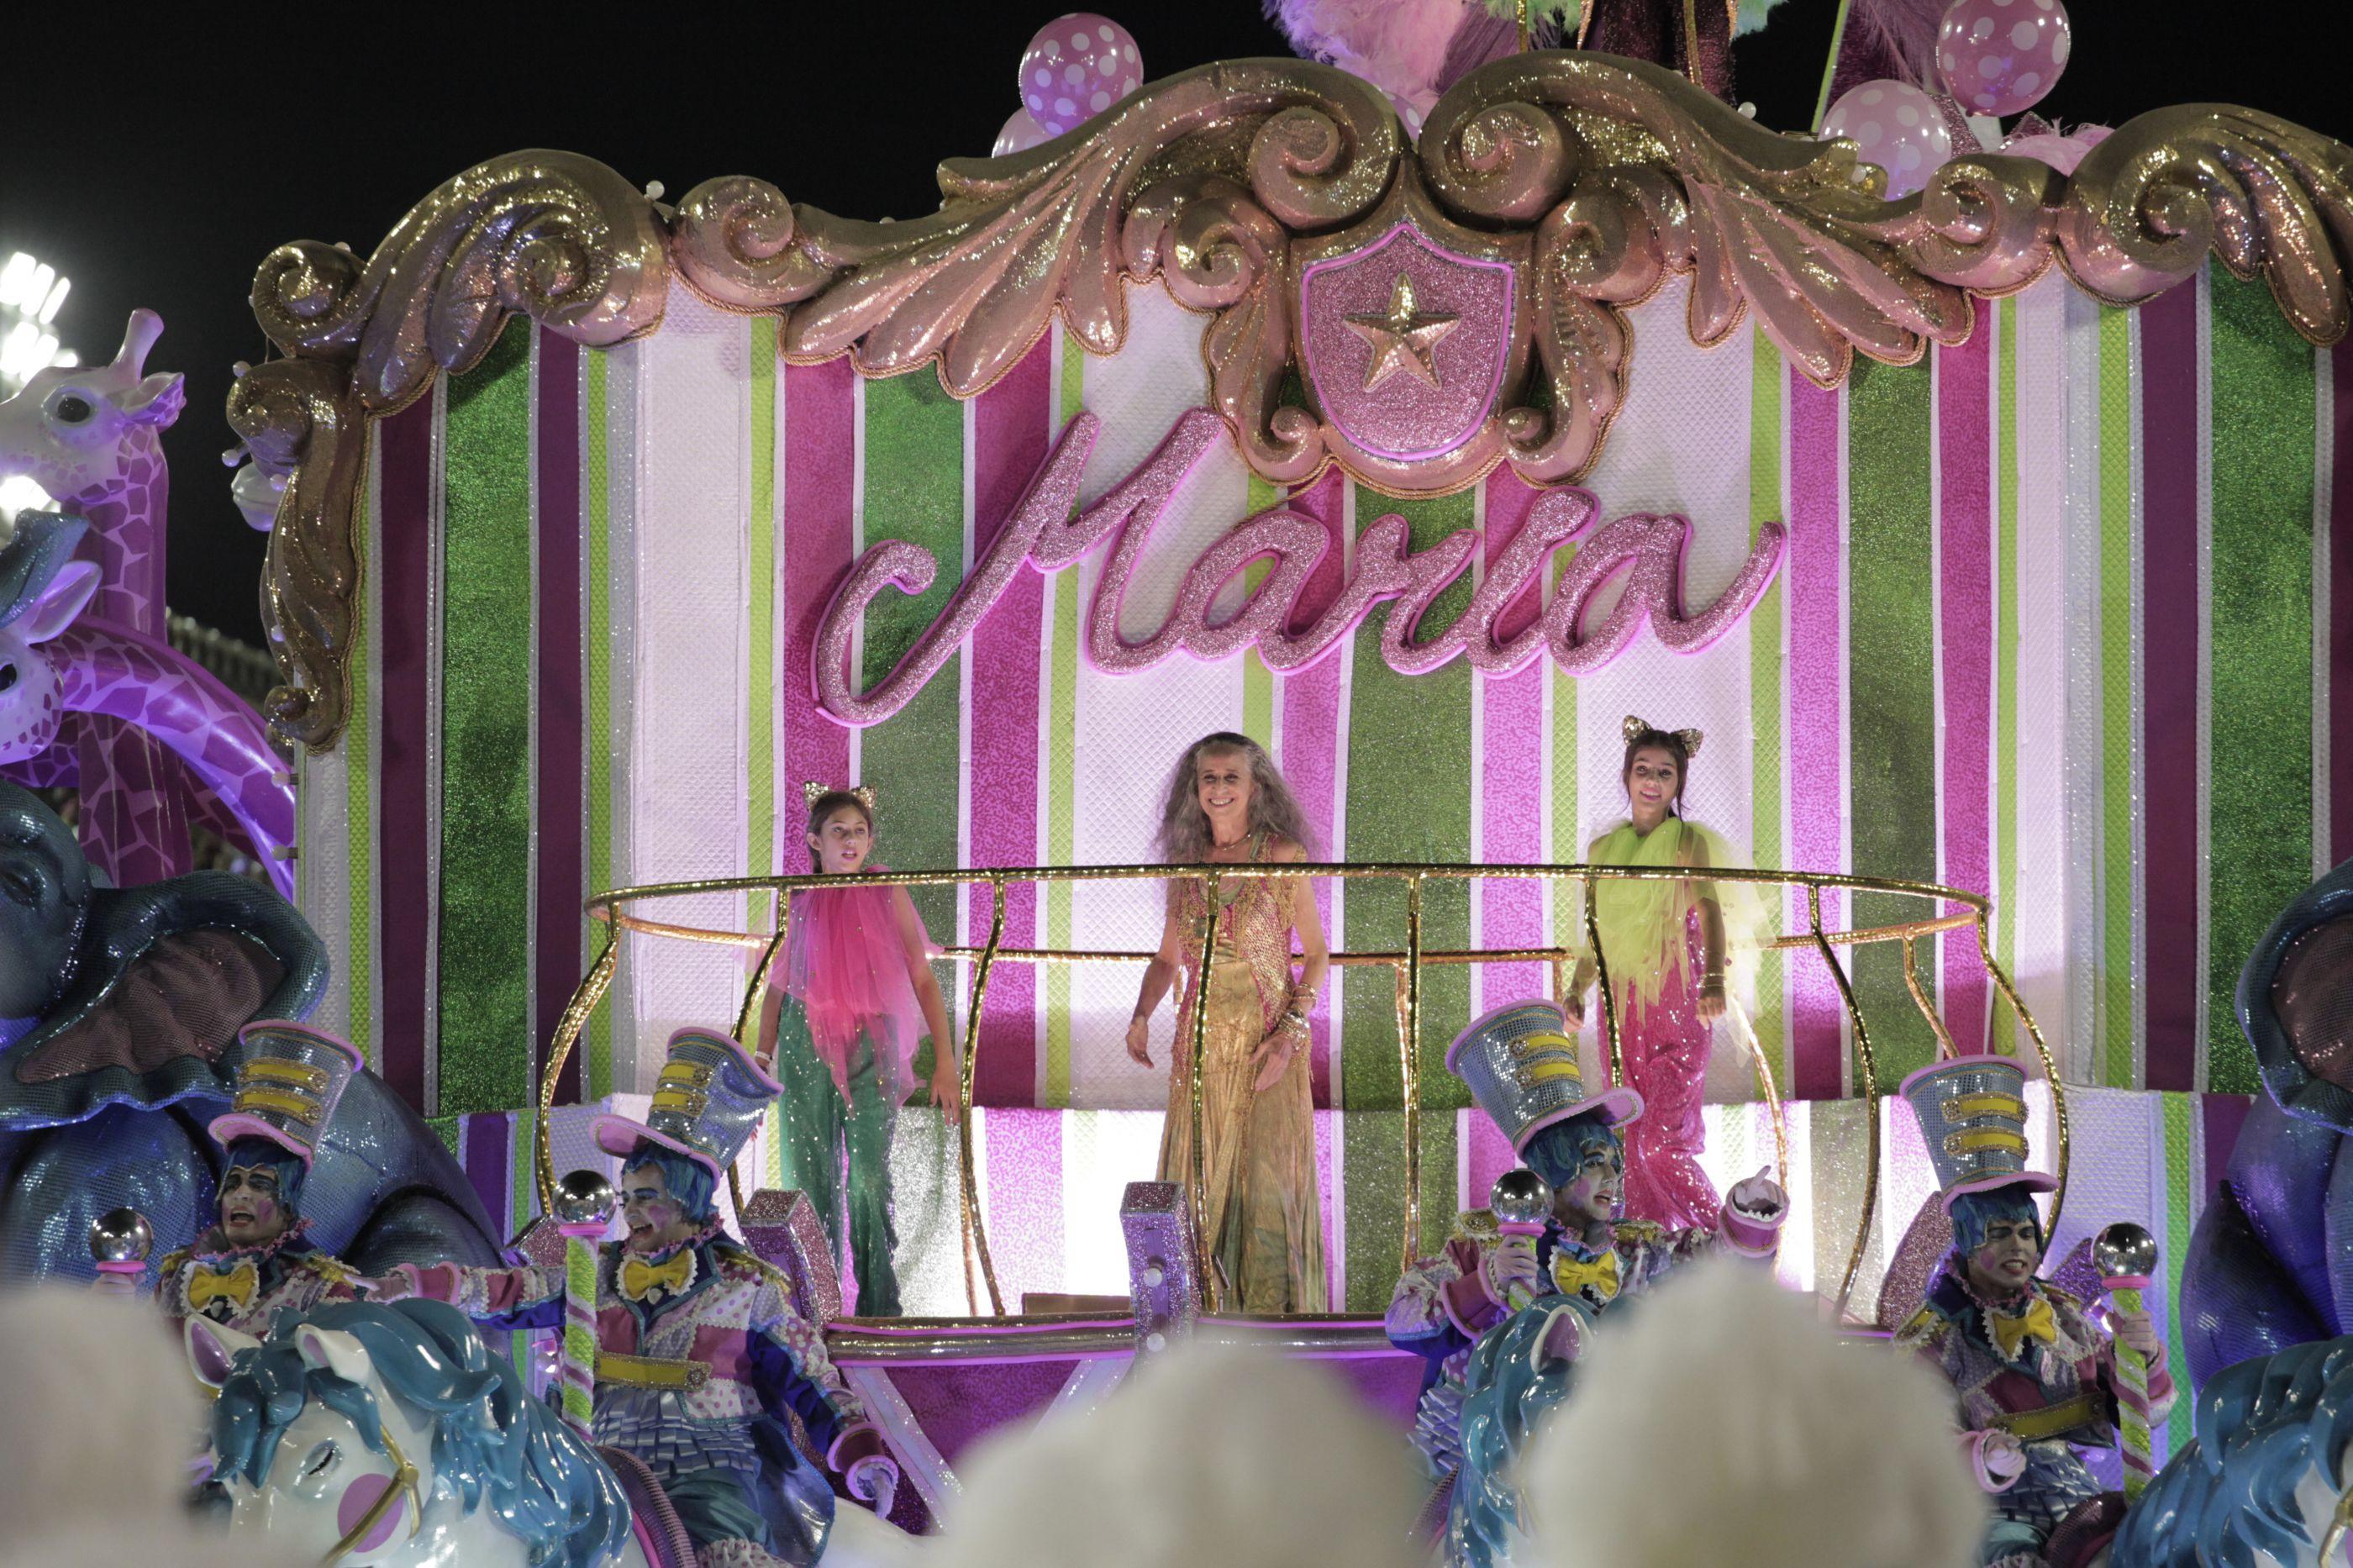 Em votação apertada, Mangueira é campeã do Carnaval 2016 no RJ